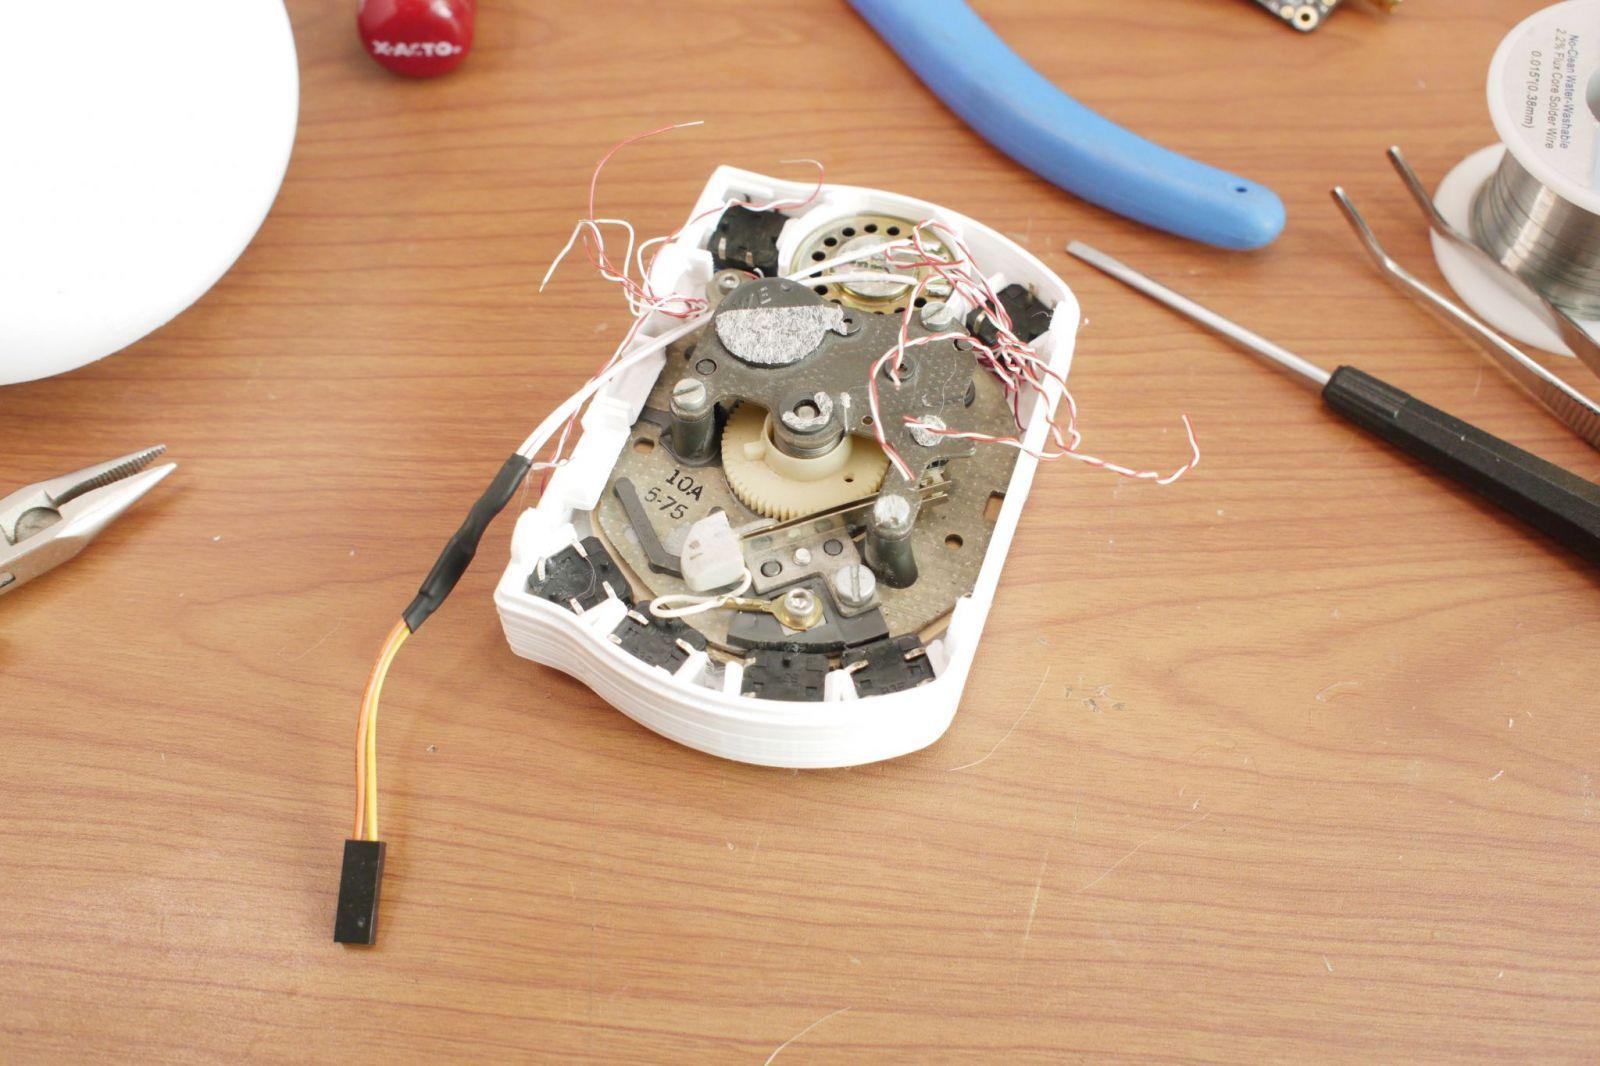 Инженер изготовил свой смартфон c барабанным диском и антенной (rotarycellphone v1 scaled)